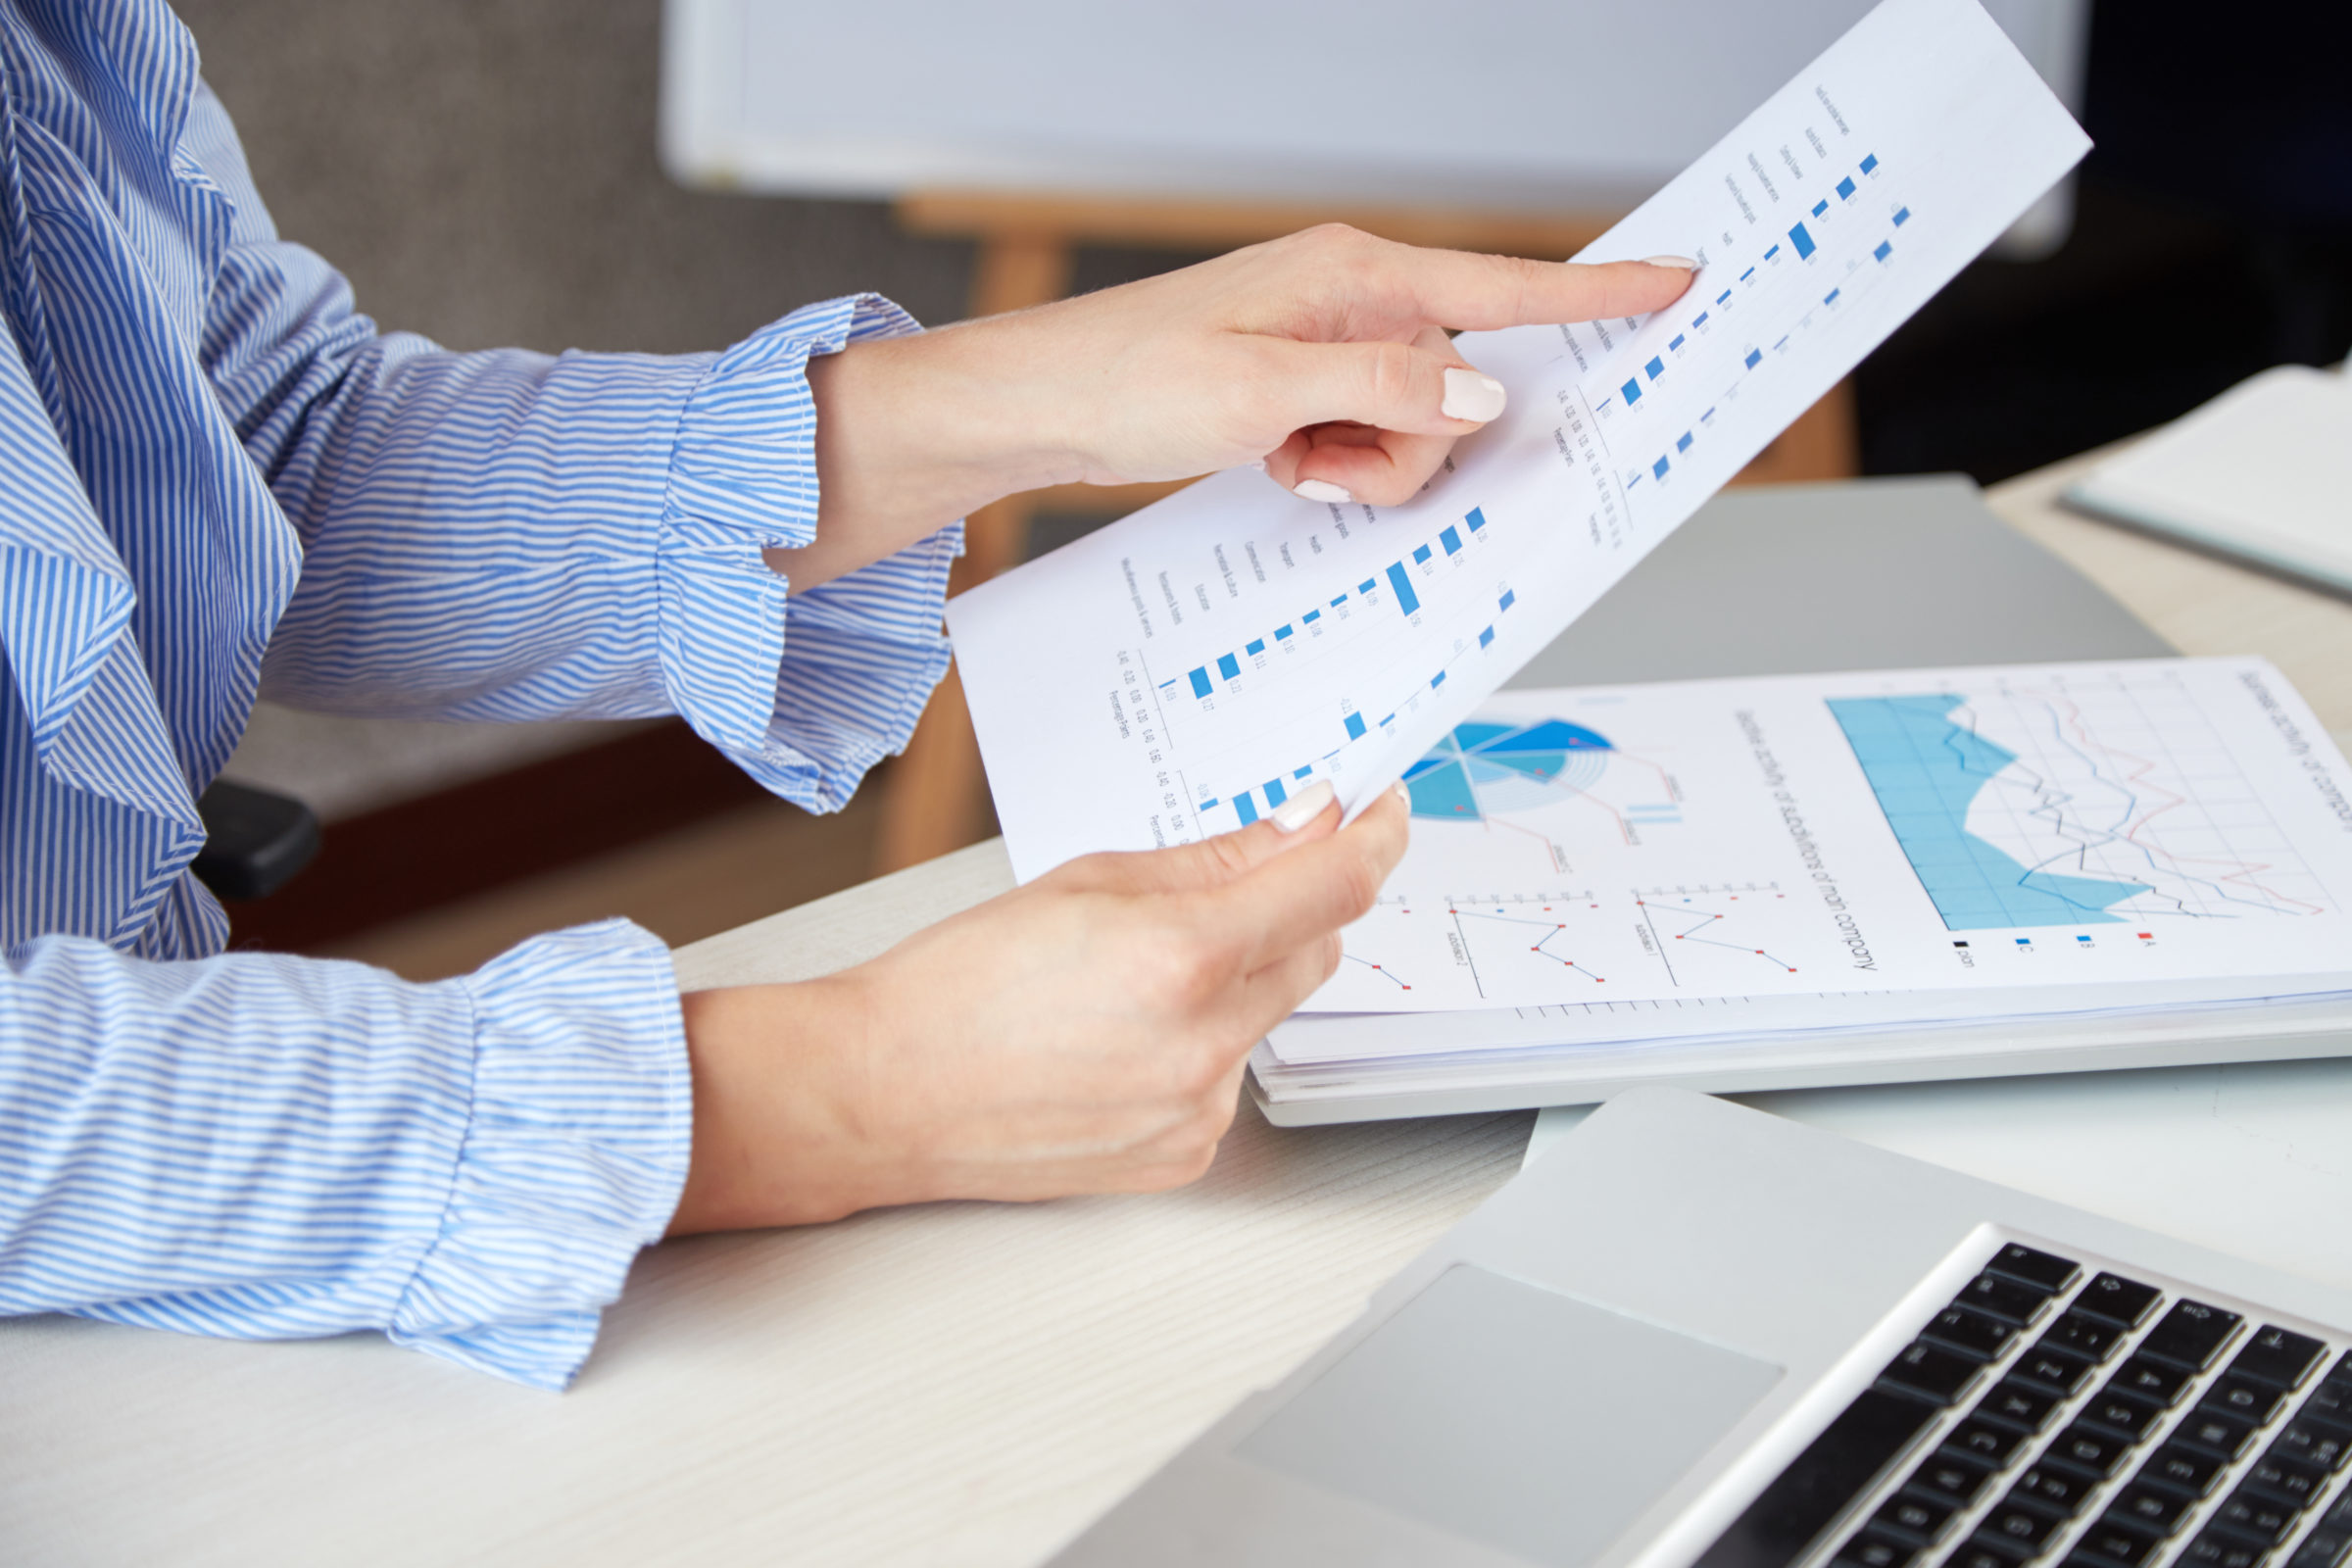 businesswoman analysing documents DW39E9F